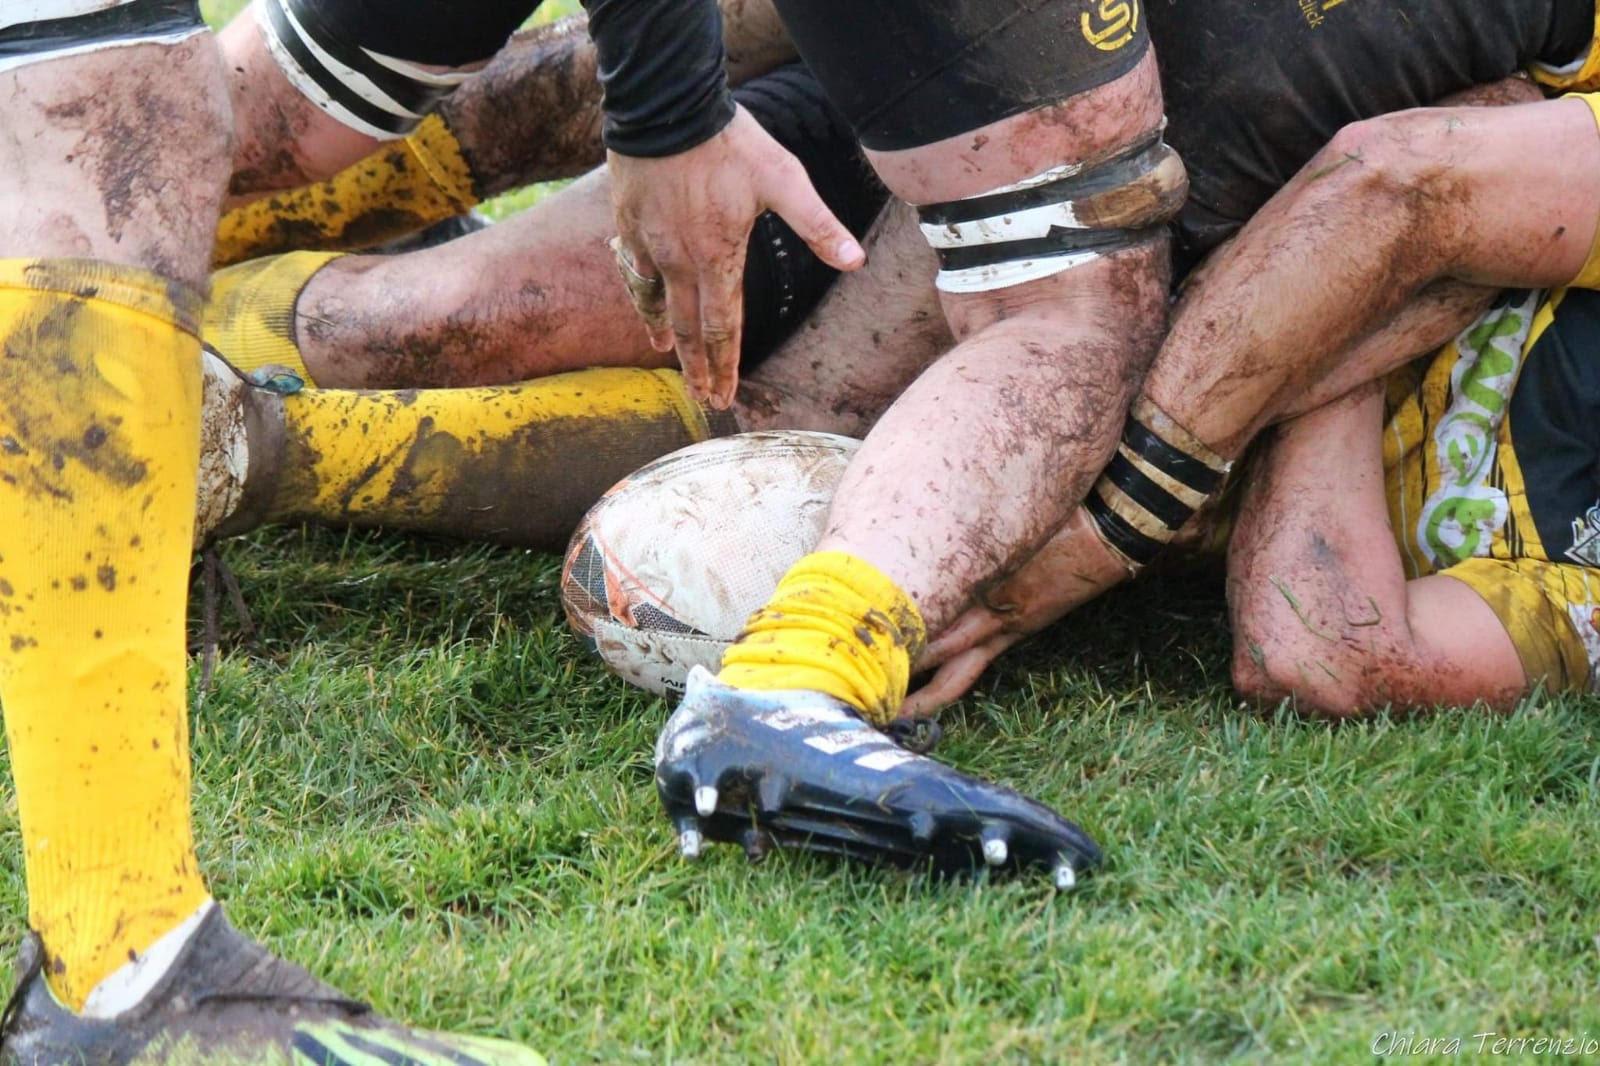 L'Avezzano rugby riprende il campionato a Catania, la 18 sfida in casa la Lazio